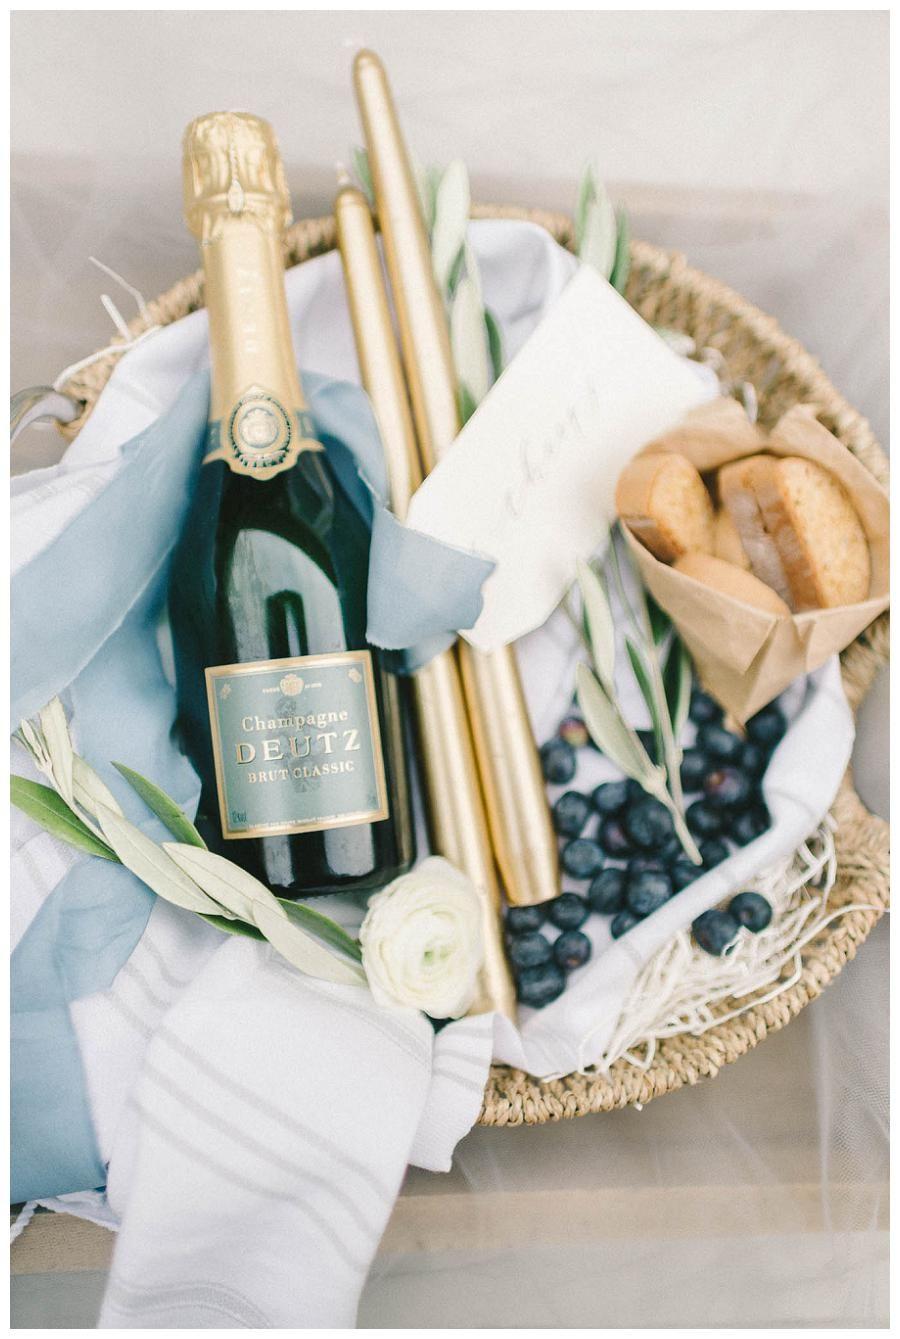 Wedding Welcome Basket By Marigold Grey Image Elizabeth Fogarty Diy WeddingWedding FavorsWedding IdeasSouthern